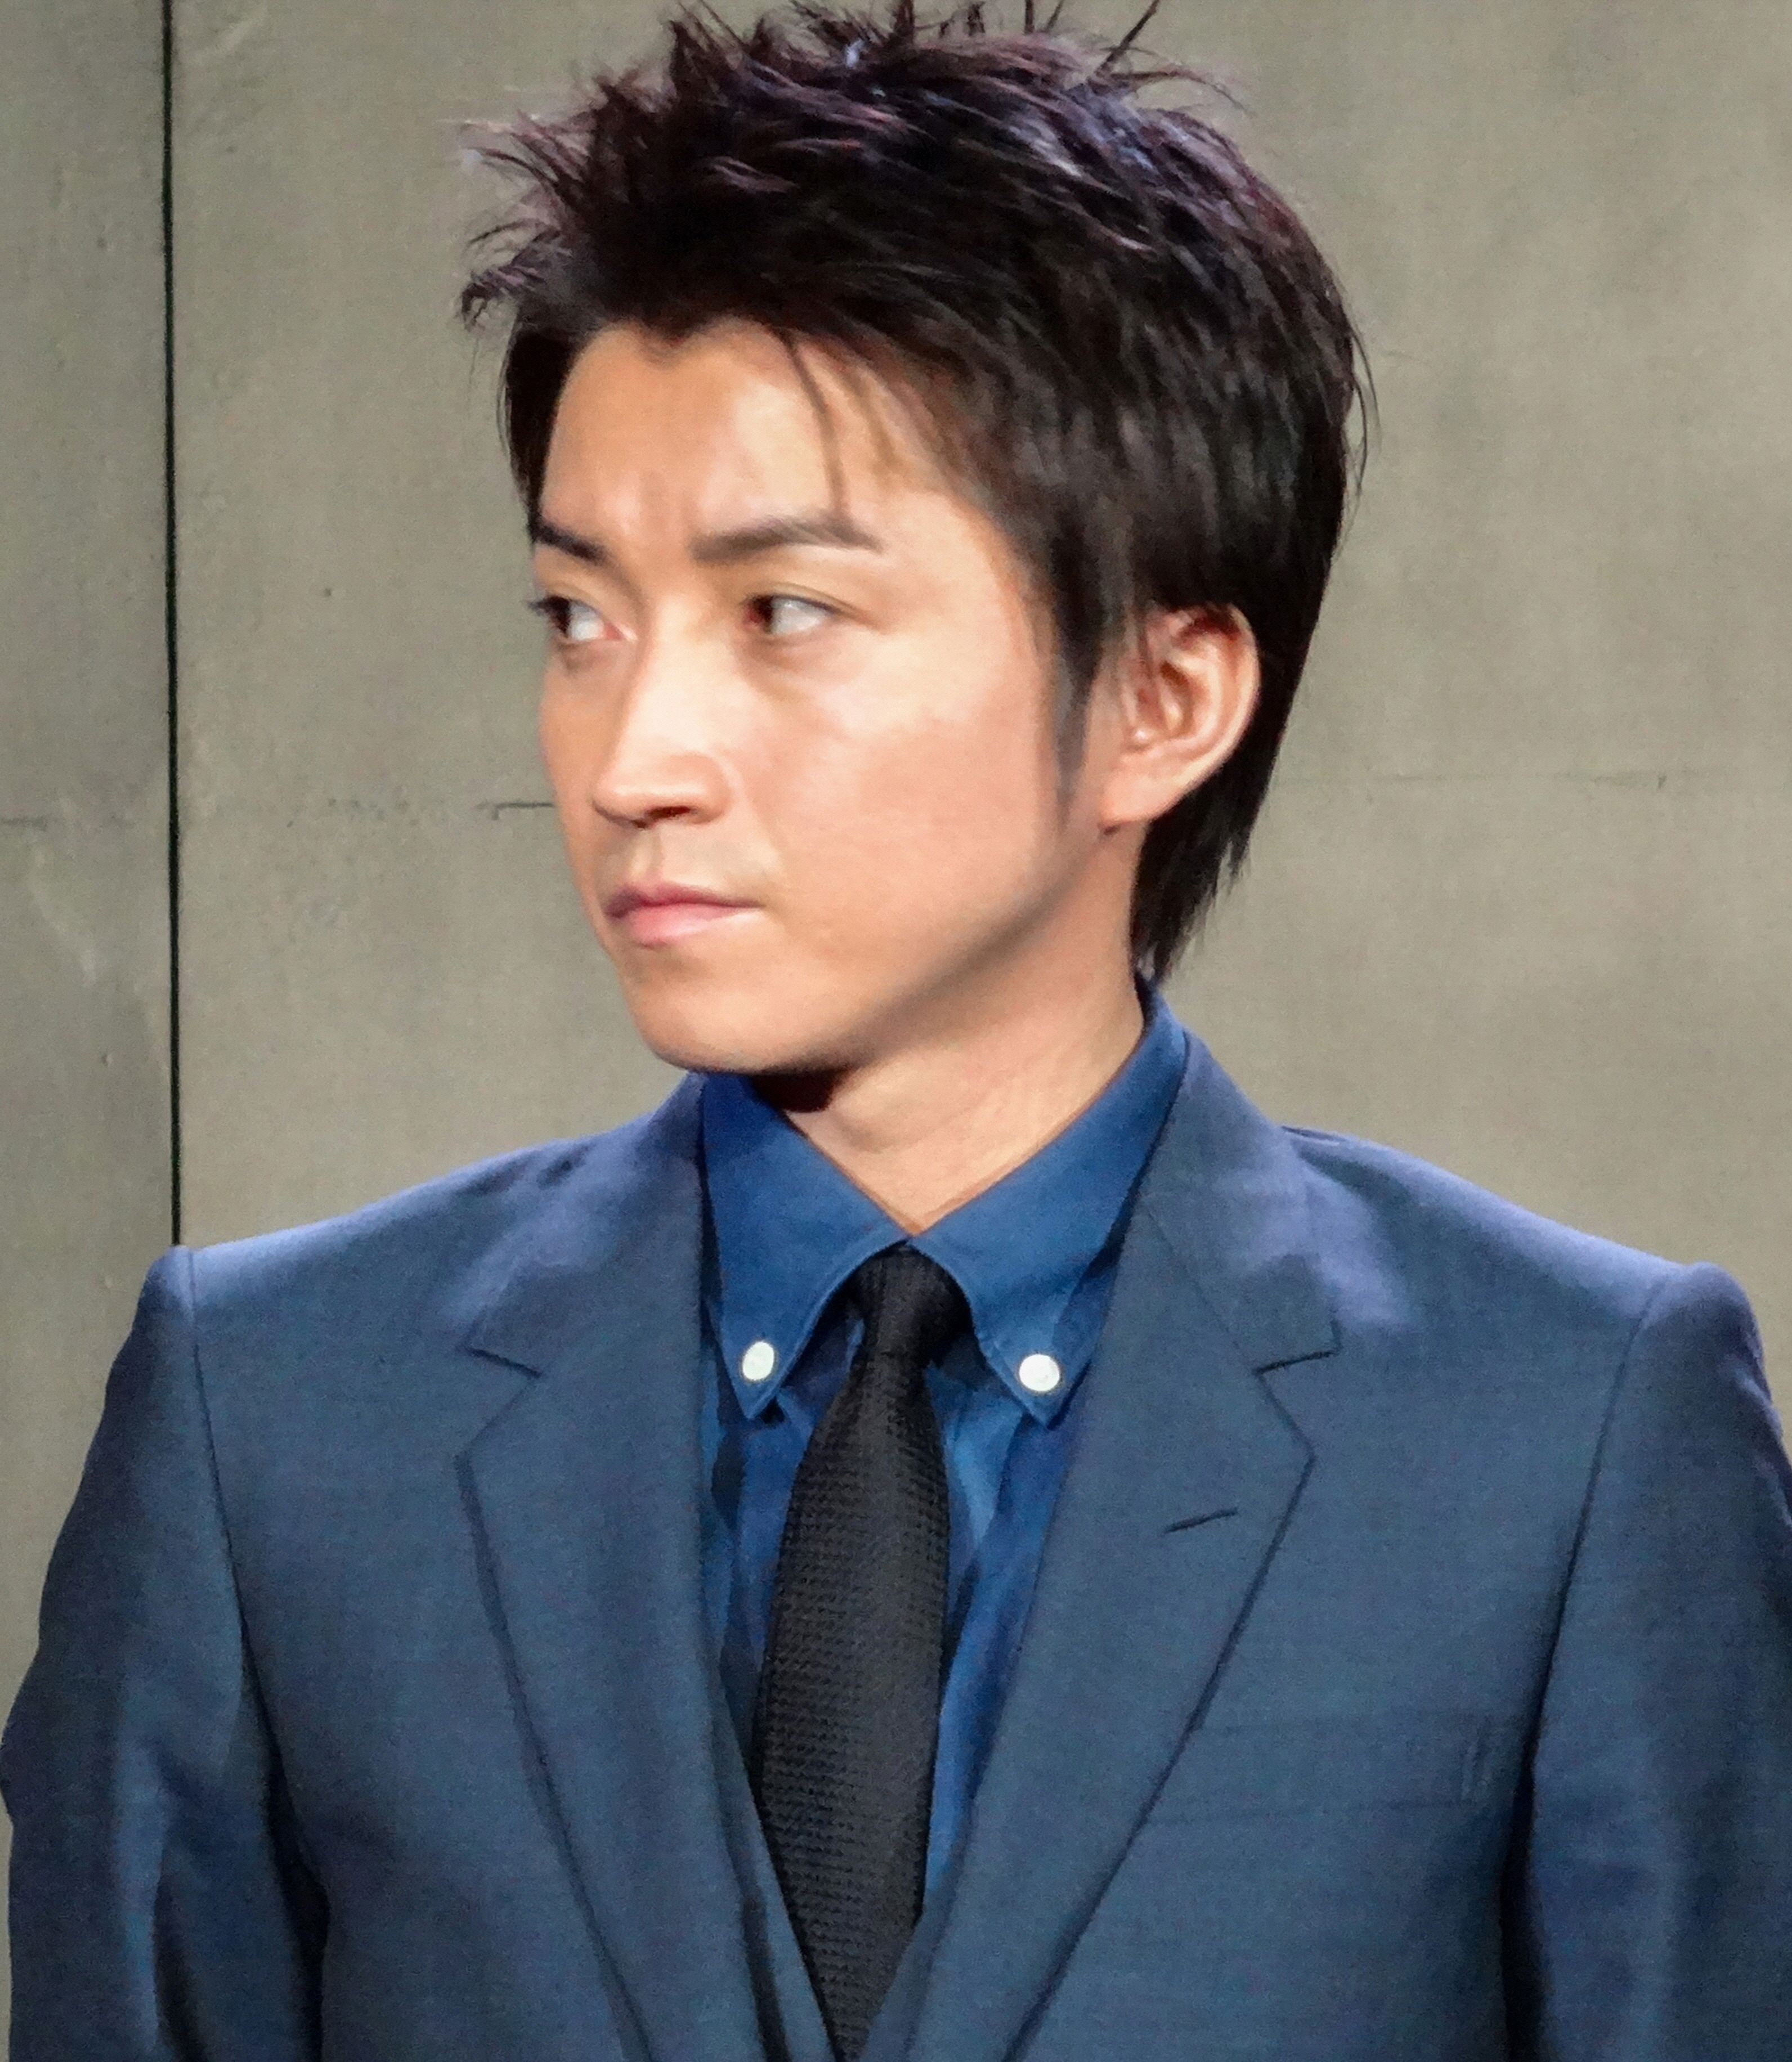 Photo Tatsuya Fujiwara via Opendata BNF